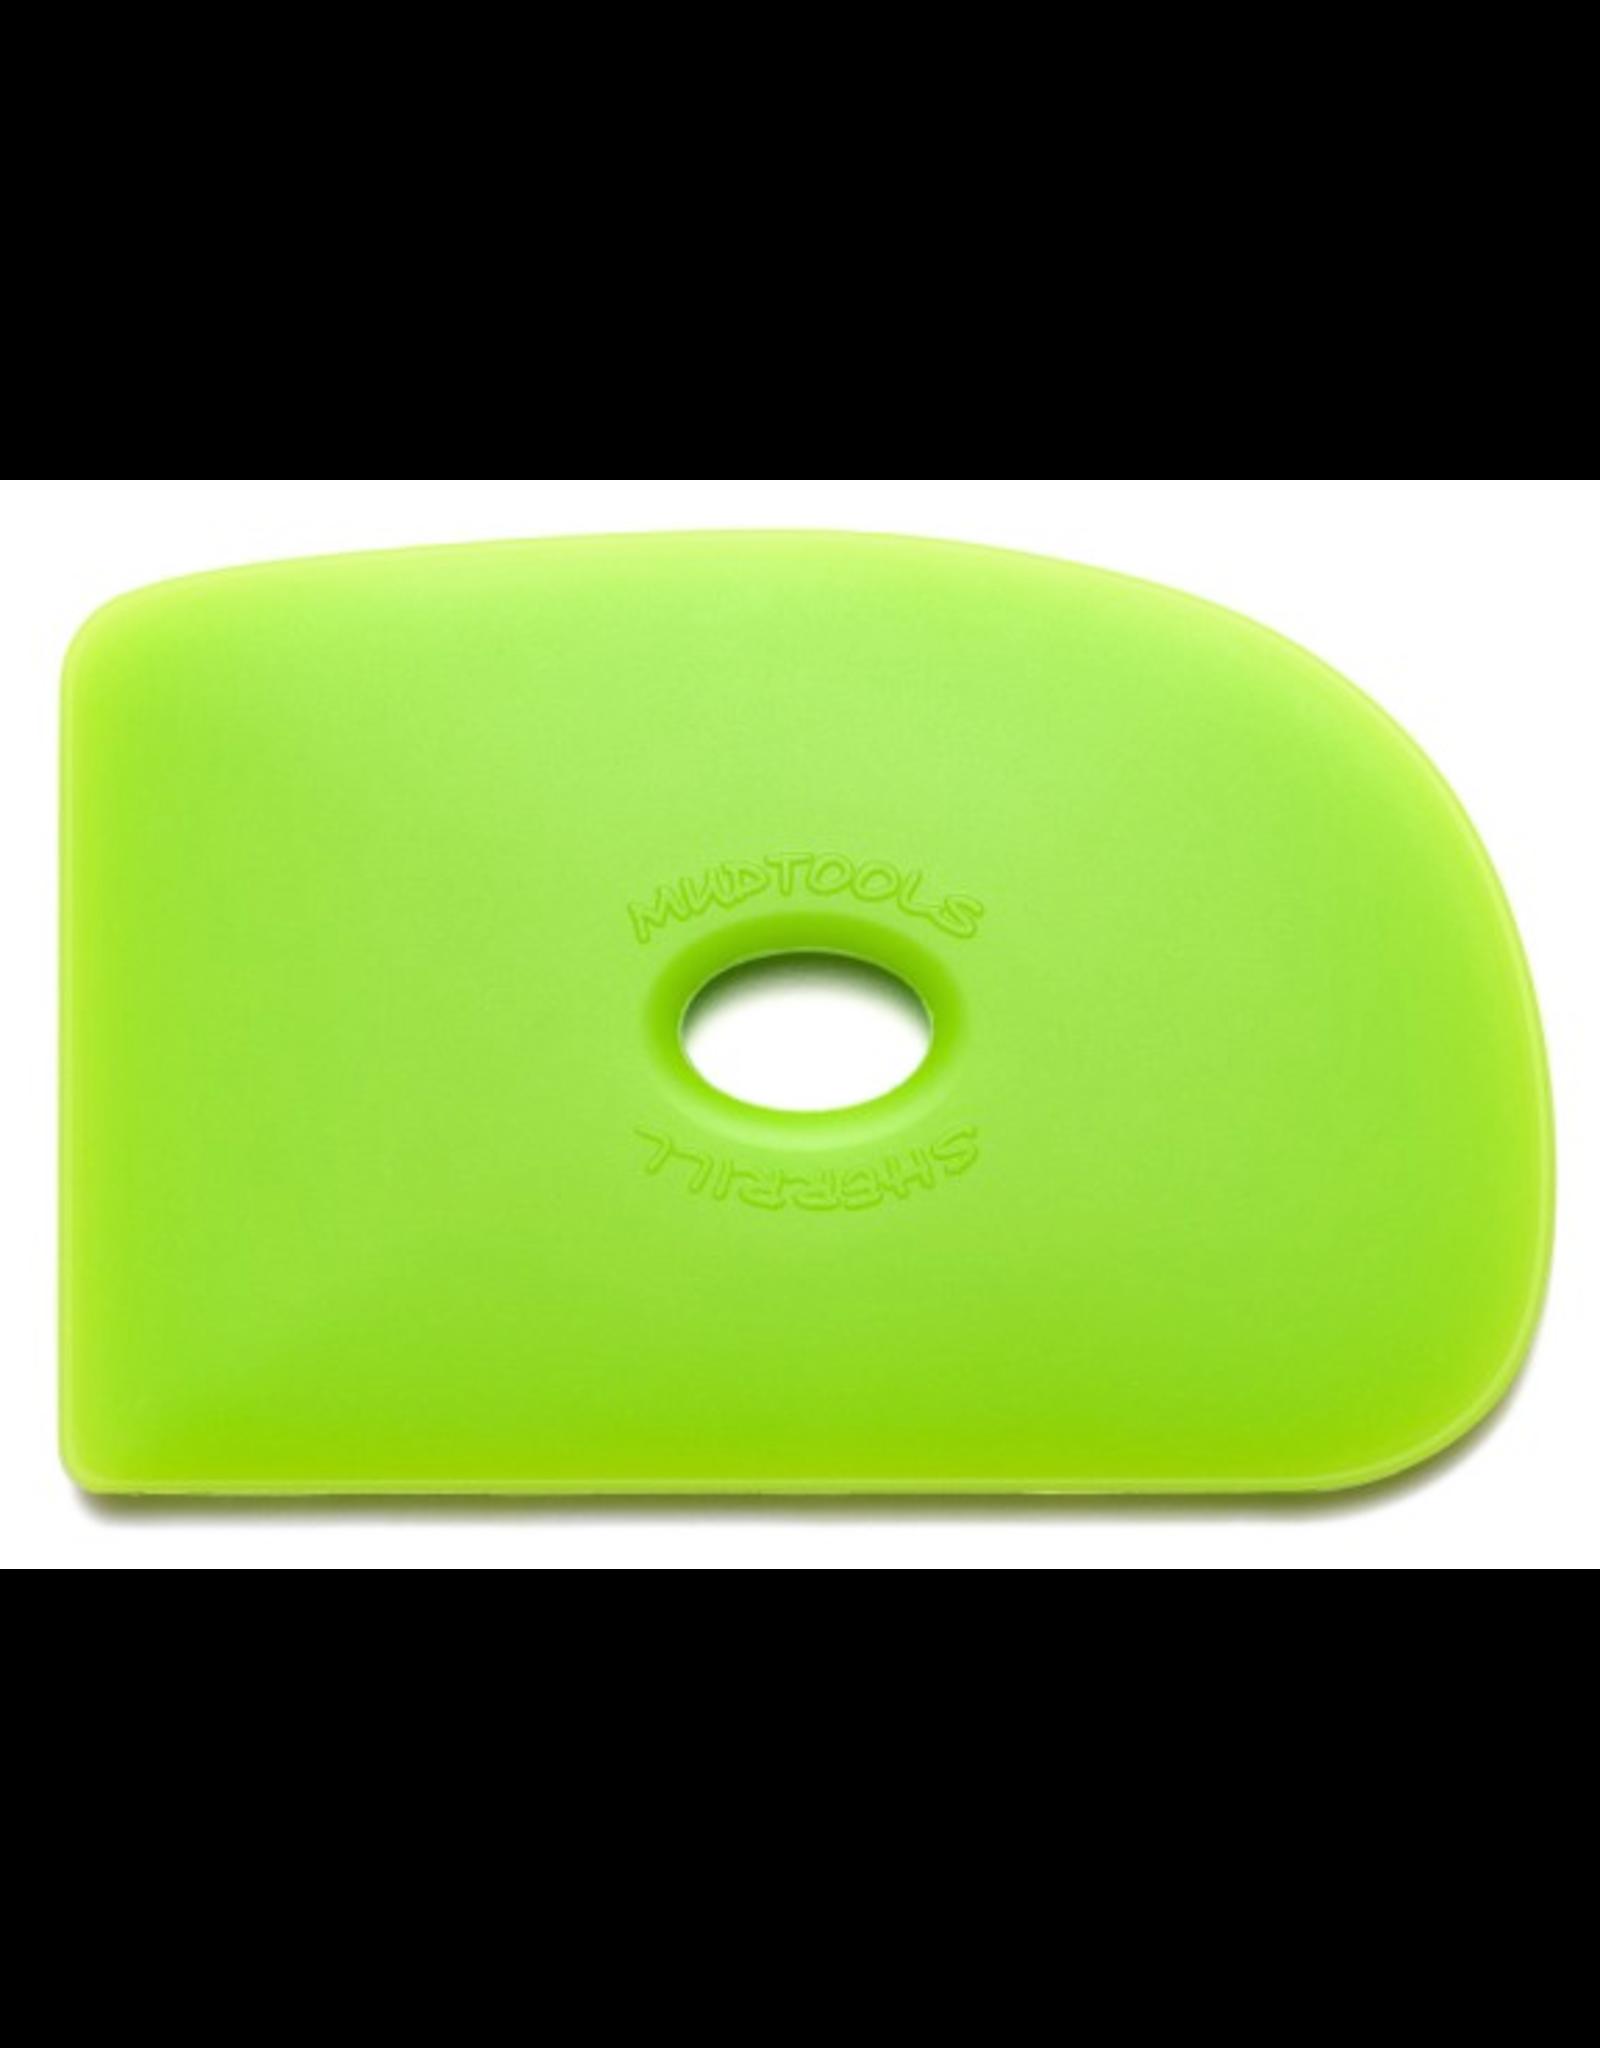 Mudtools Rib 2 (green)